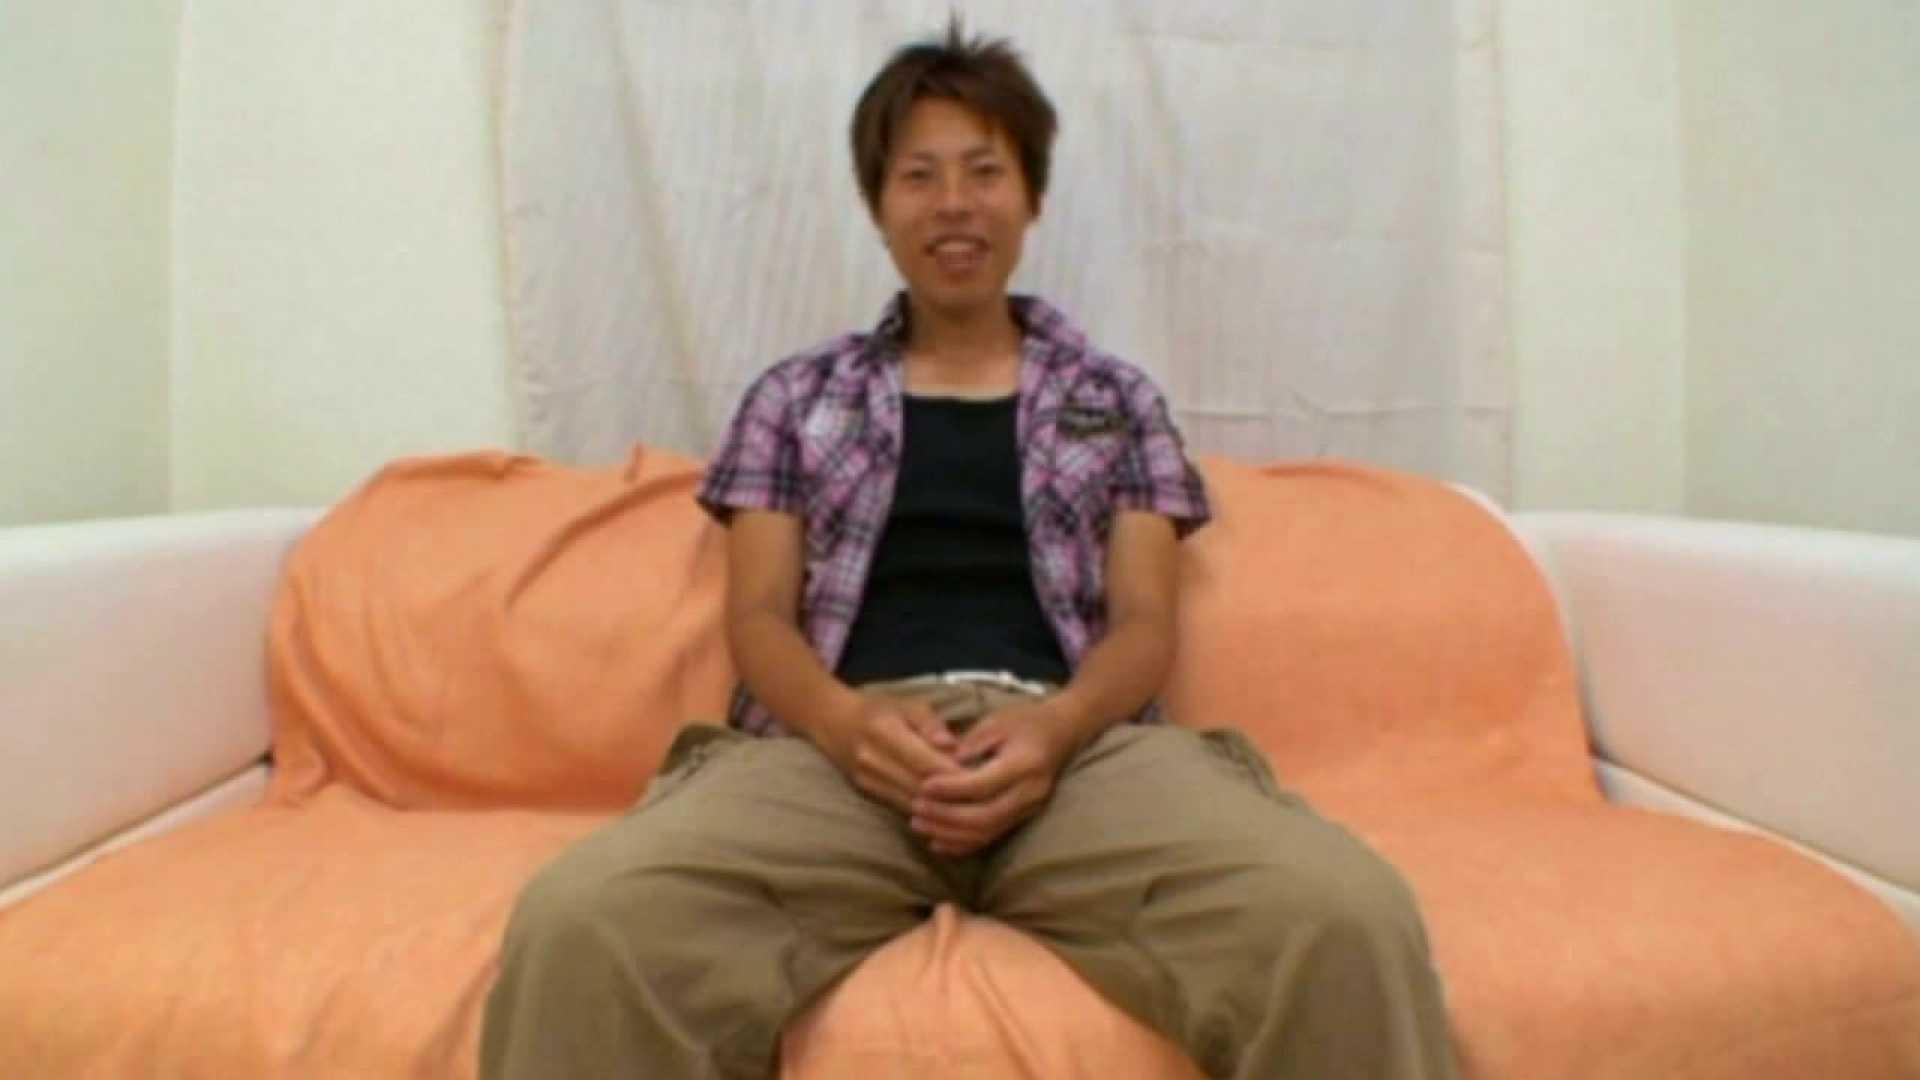 ノンケ!自慰スタジオ No.10 ゲイの自慰 ゲイヌード画像 47pic 35